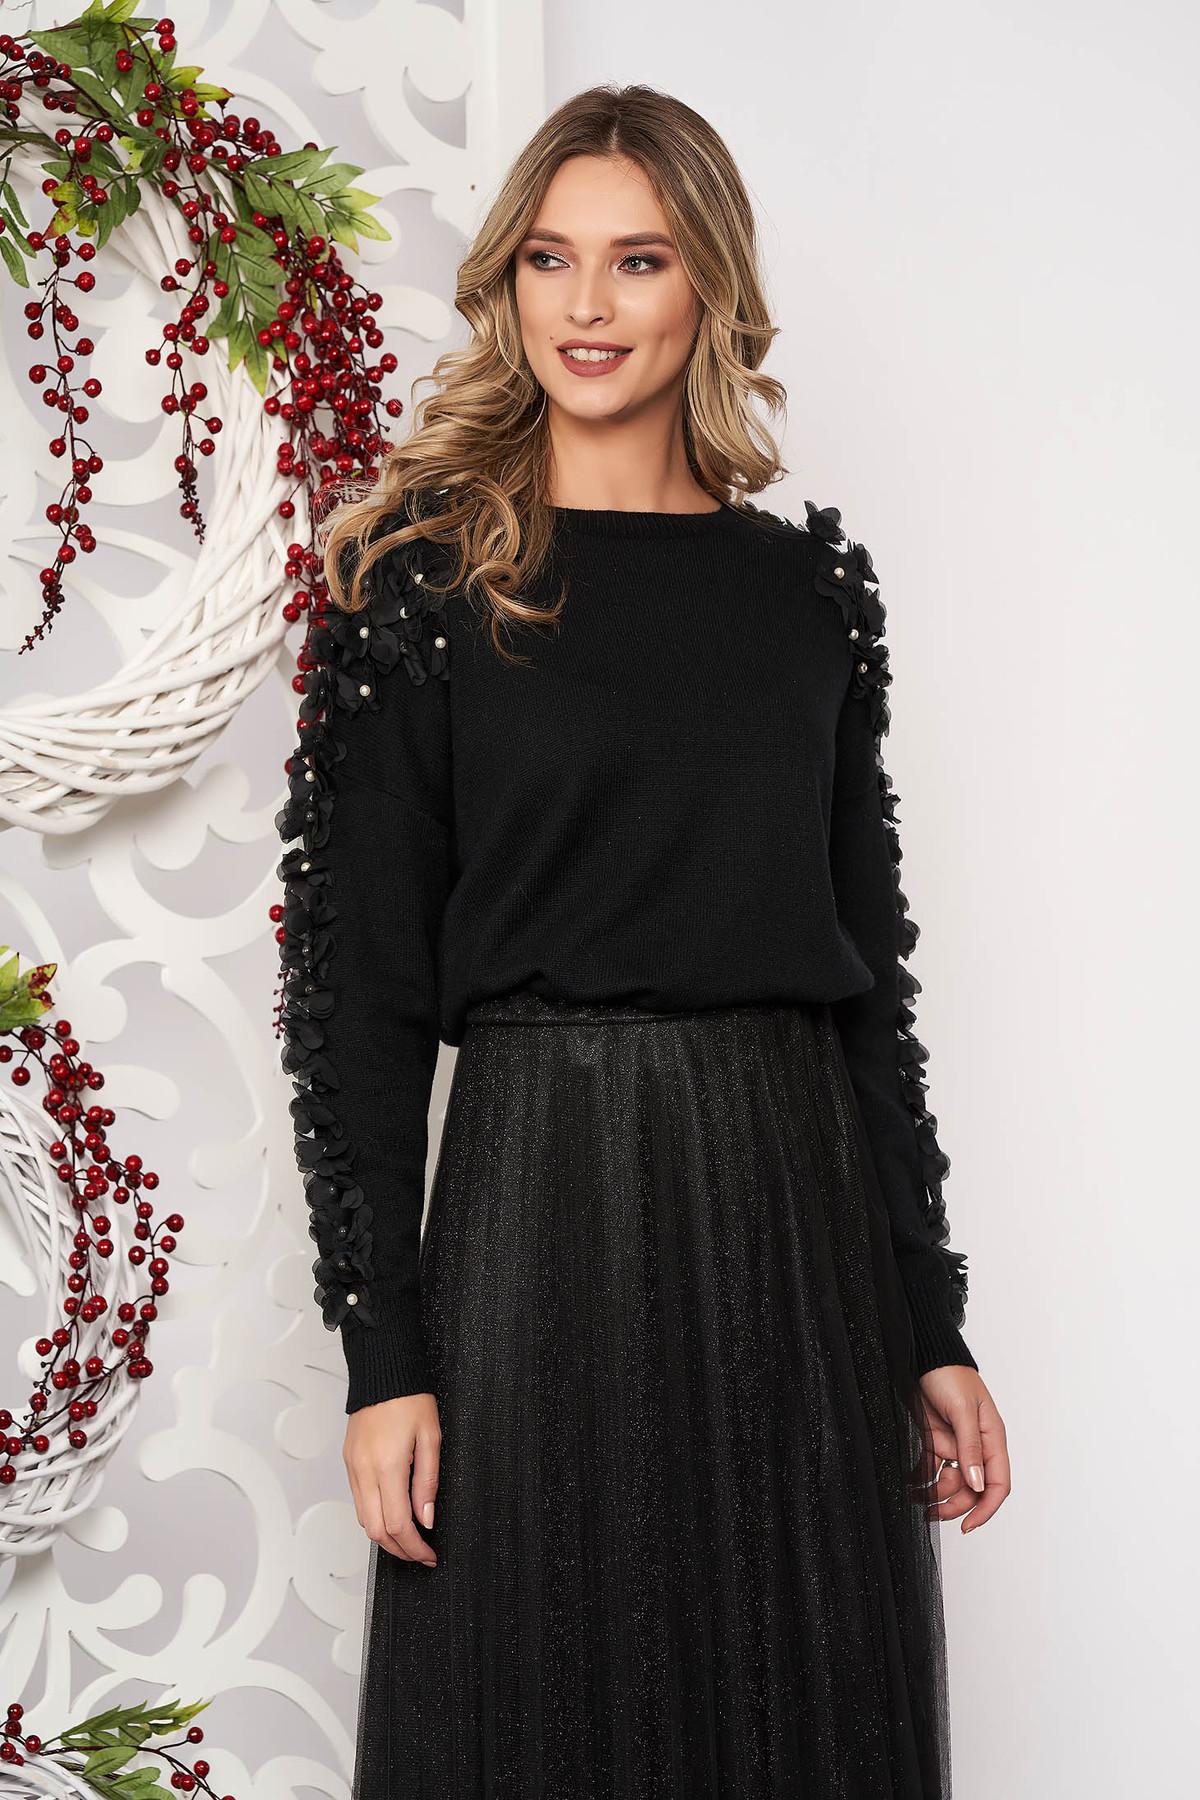 Pulover SunShine negru cu croi larg scurt din lana cu aplicatii cu perle cu aplicatii de tul cu maneca lunga